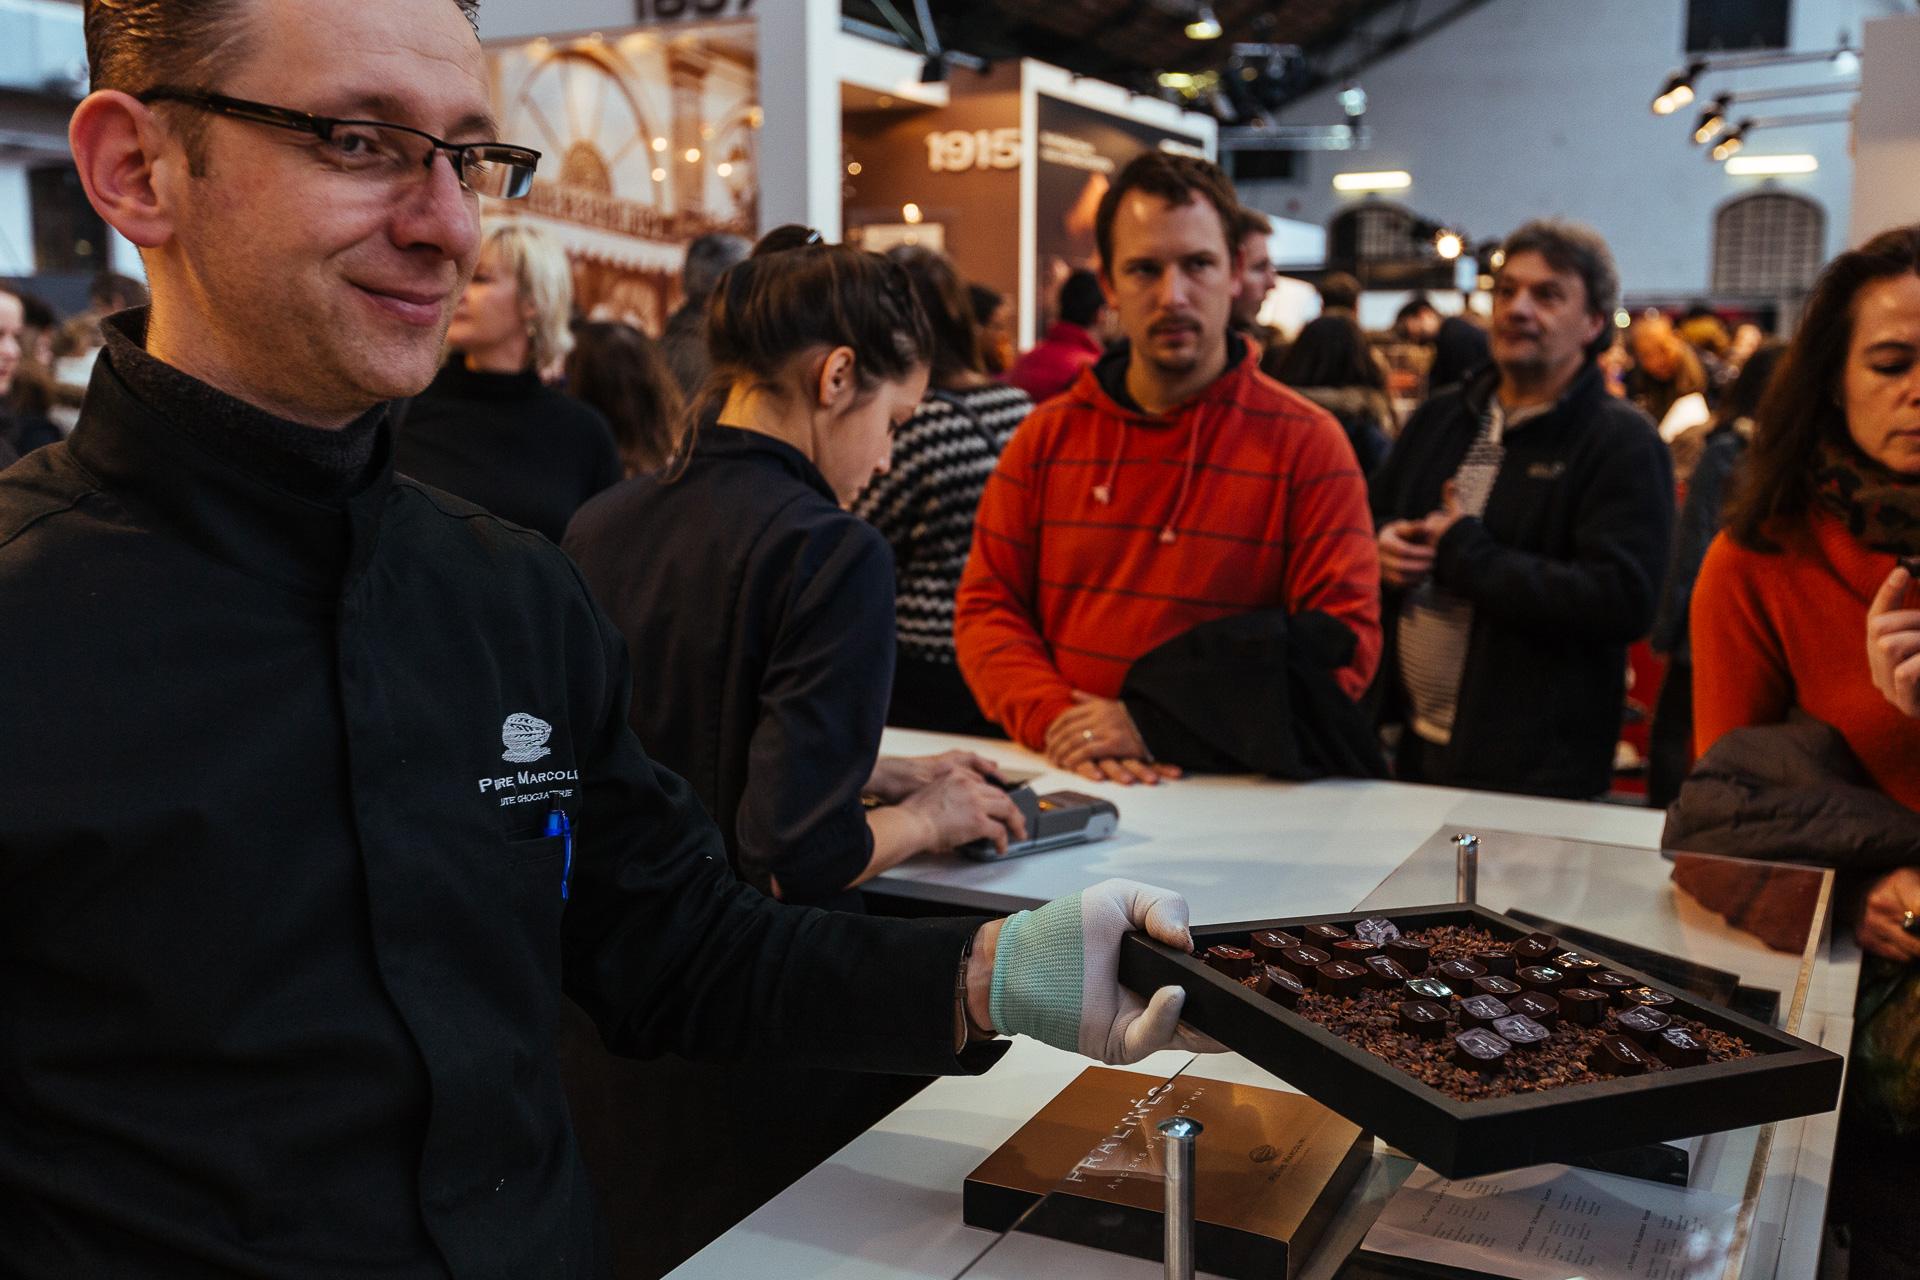 O acheter le meilleur du chocolat belge bruxelles for Salon du tourisme belgique